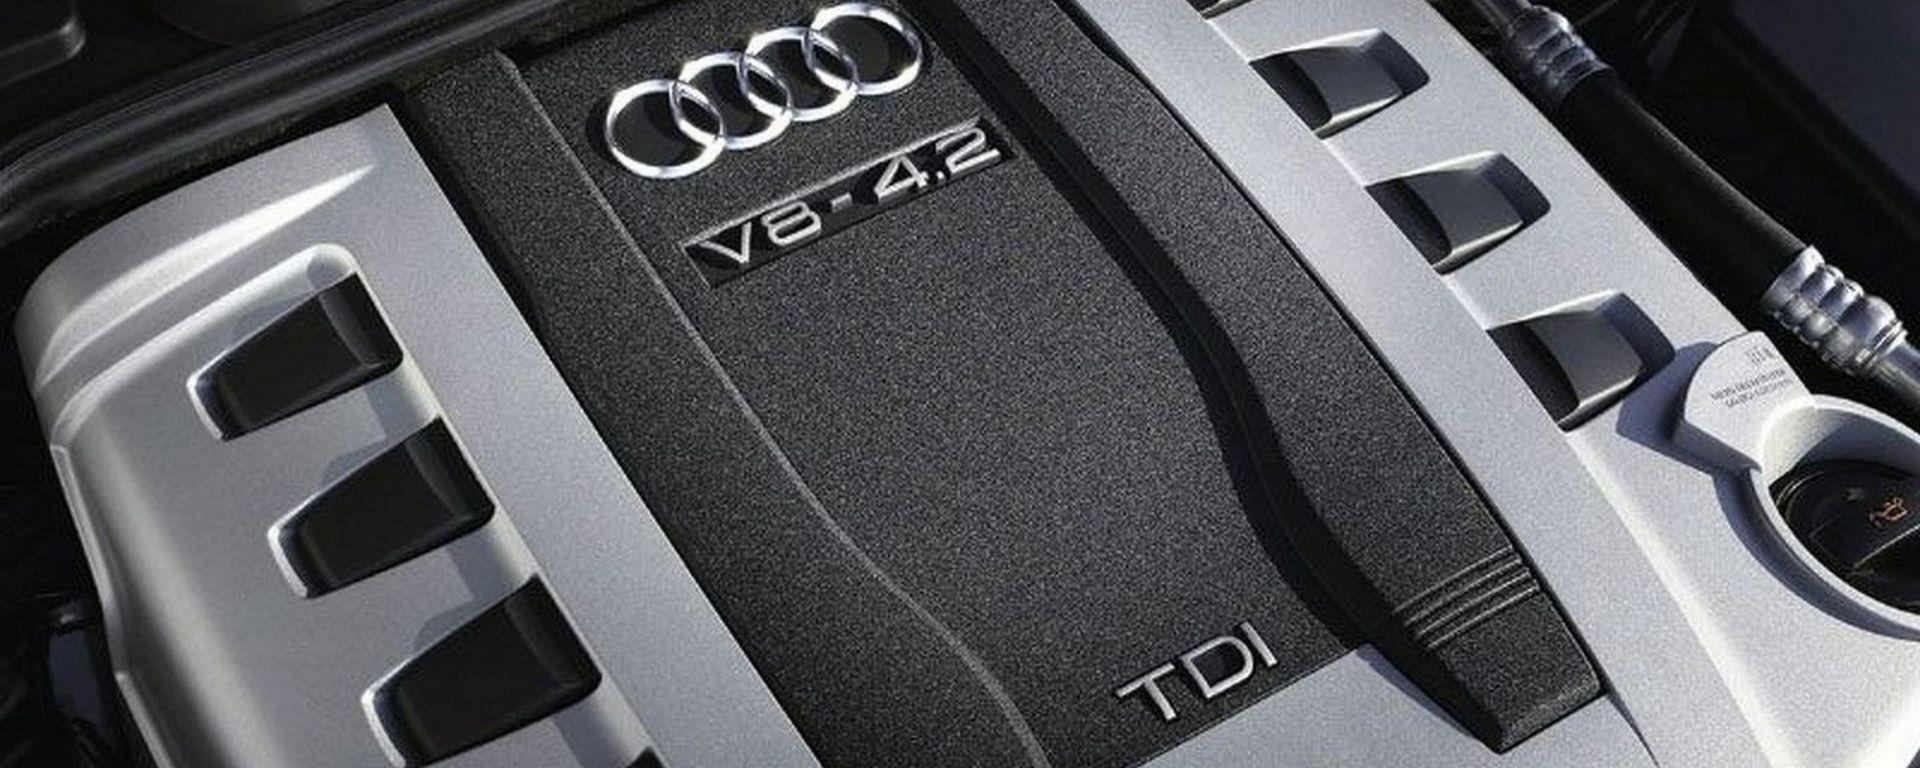 Un 4.2 V8 TDI Audi, oggetto della disputa sulle emissioni falsificate